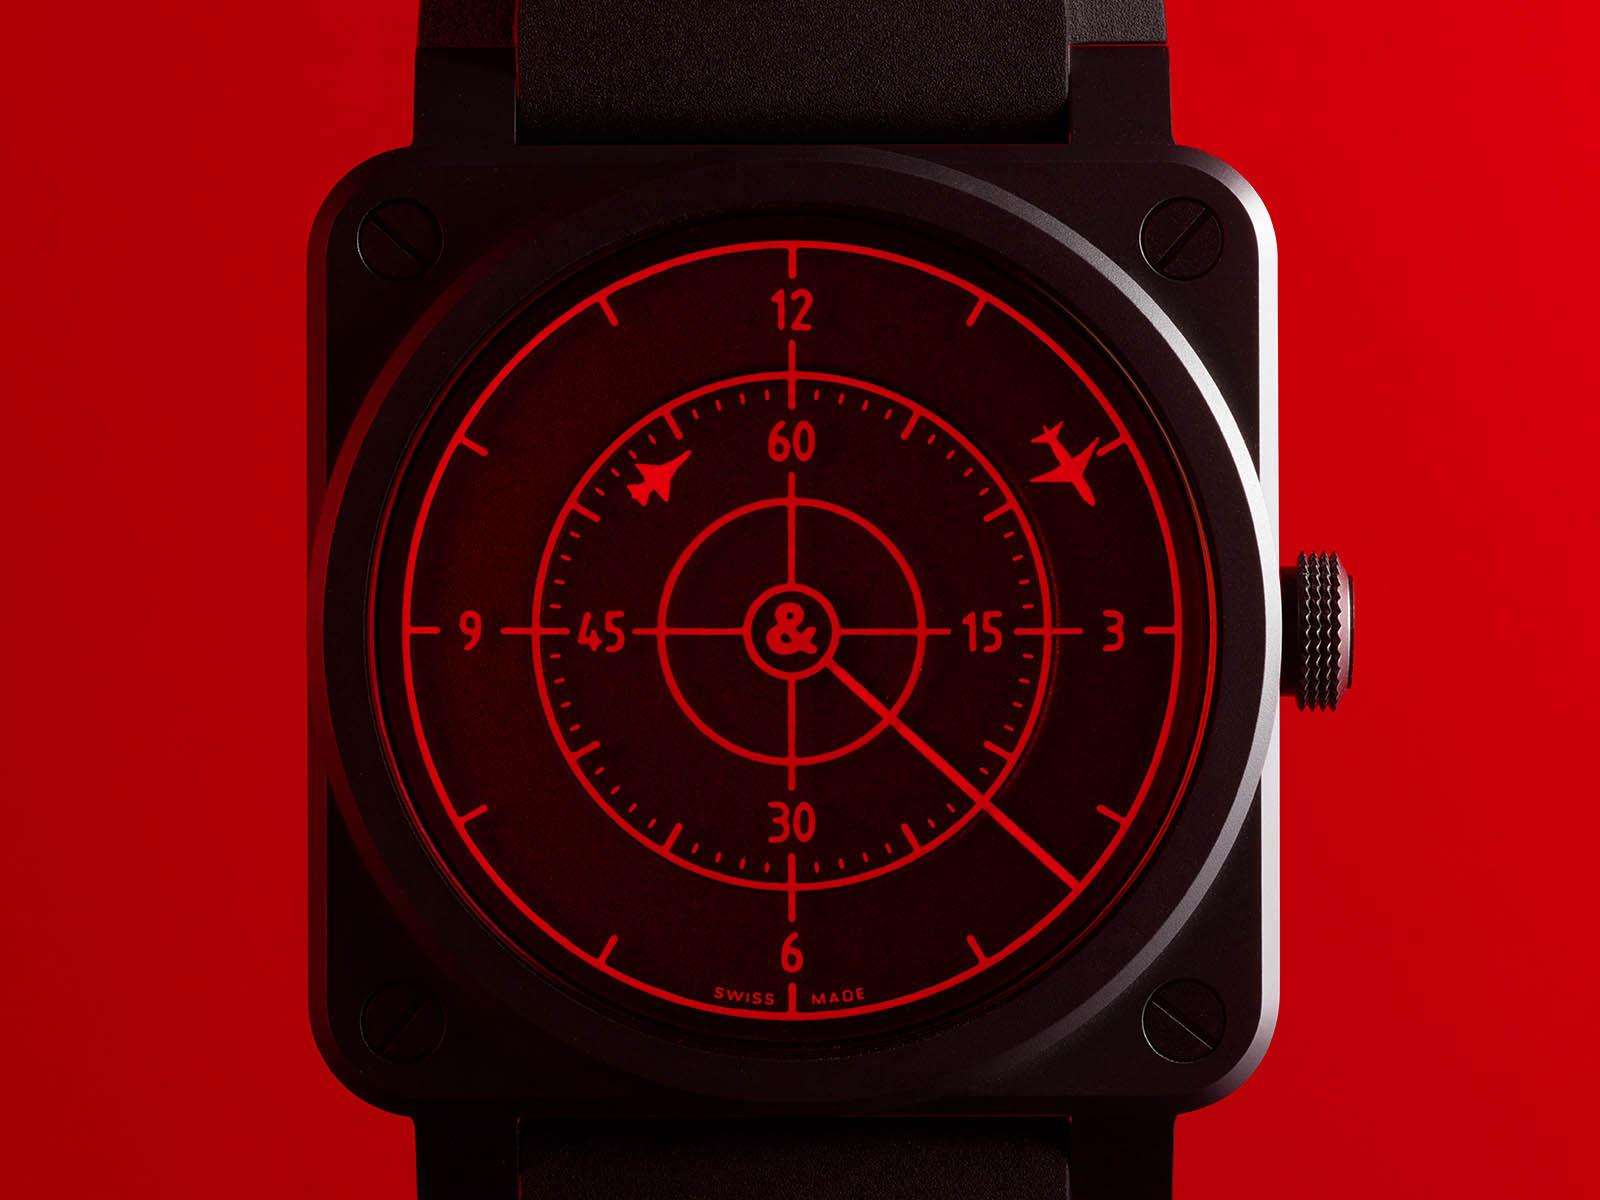 br0392-rrdr-ce-srb-bell-ross-br-03-42-red-radar-ceramic-3.jpg